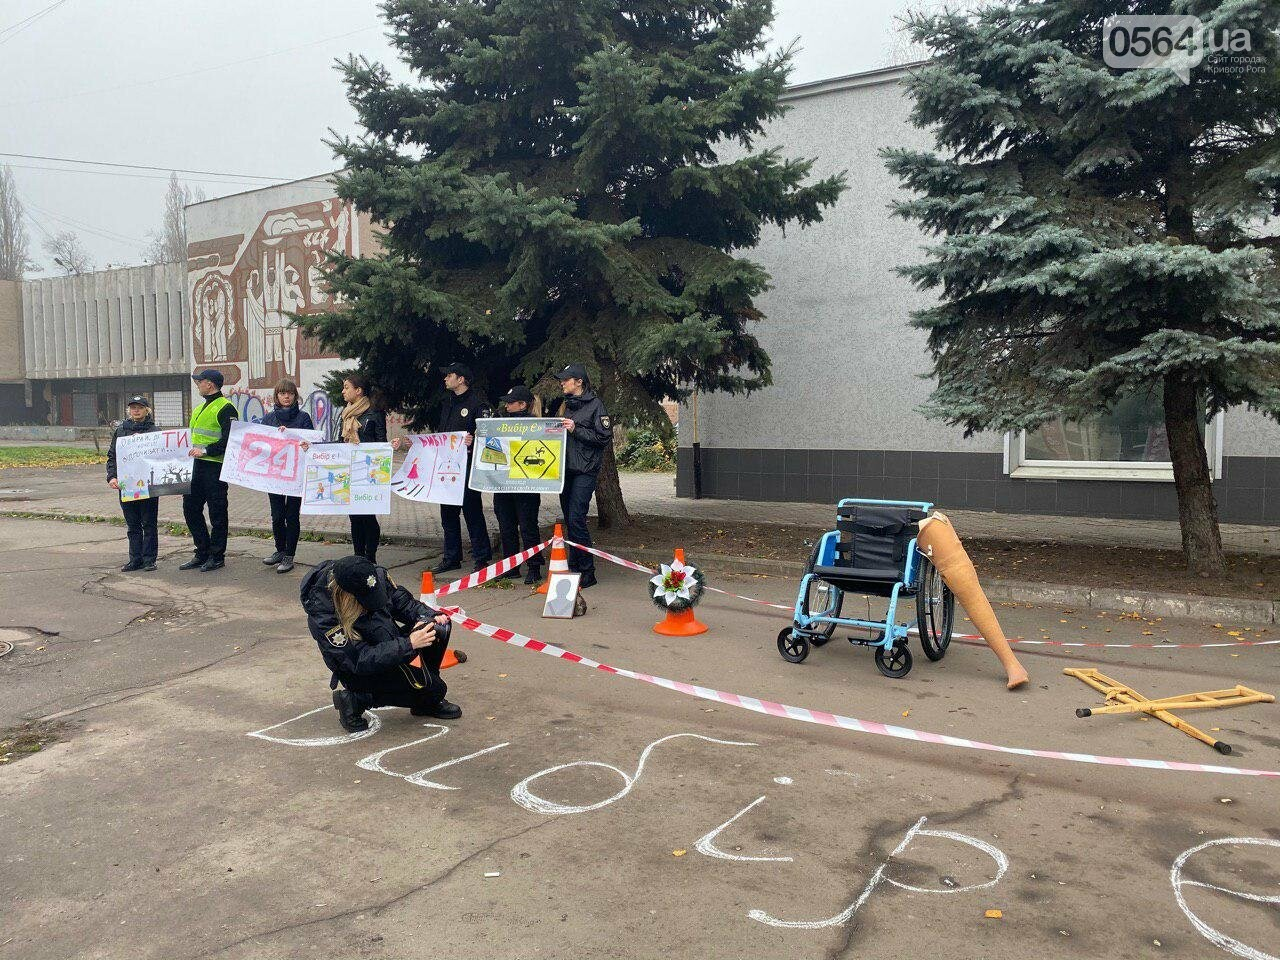 На центральном проспекте в Кривом Роге устроили молчаливый протест, - ФОТО, ВИДЕО, фото-24